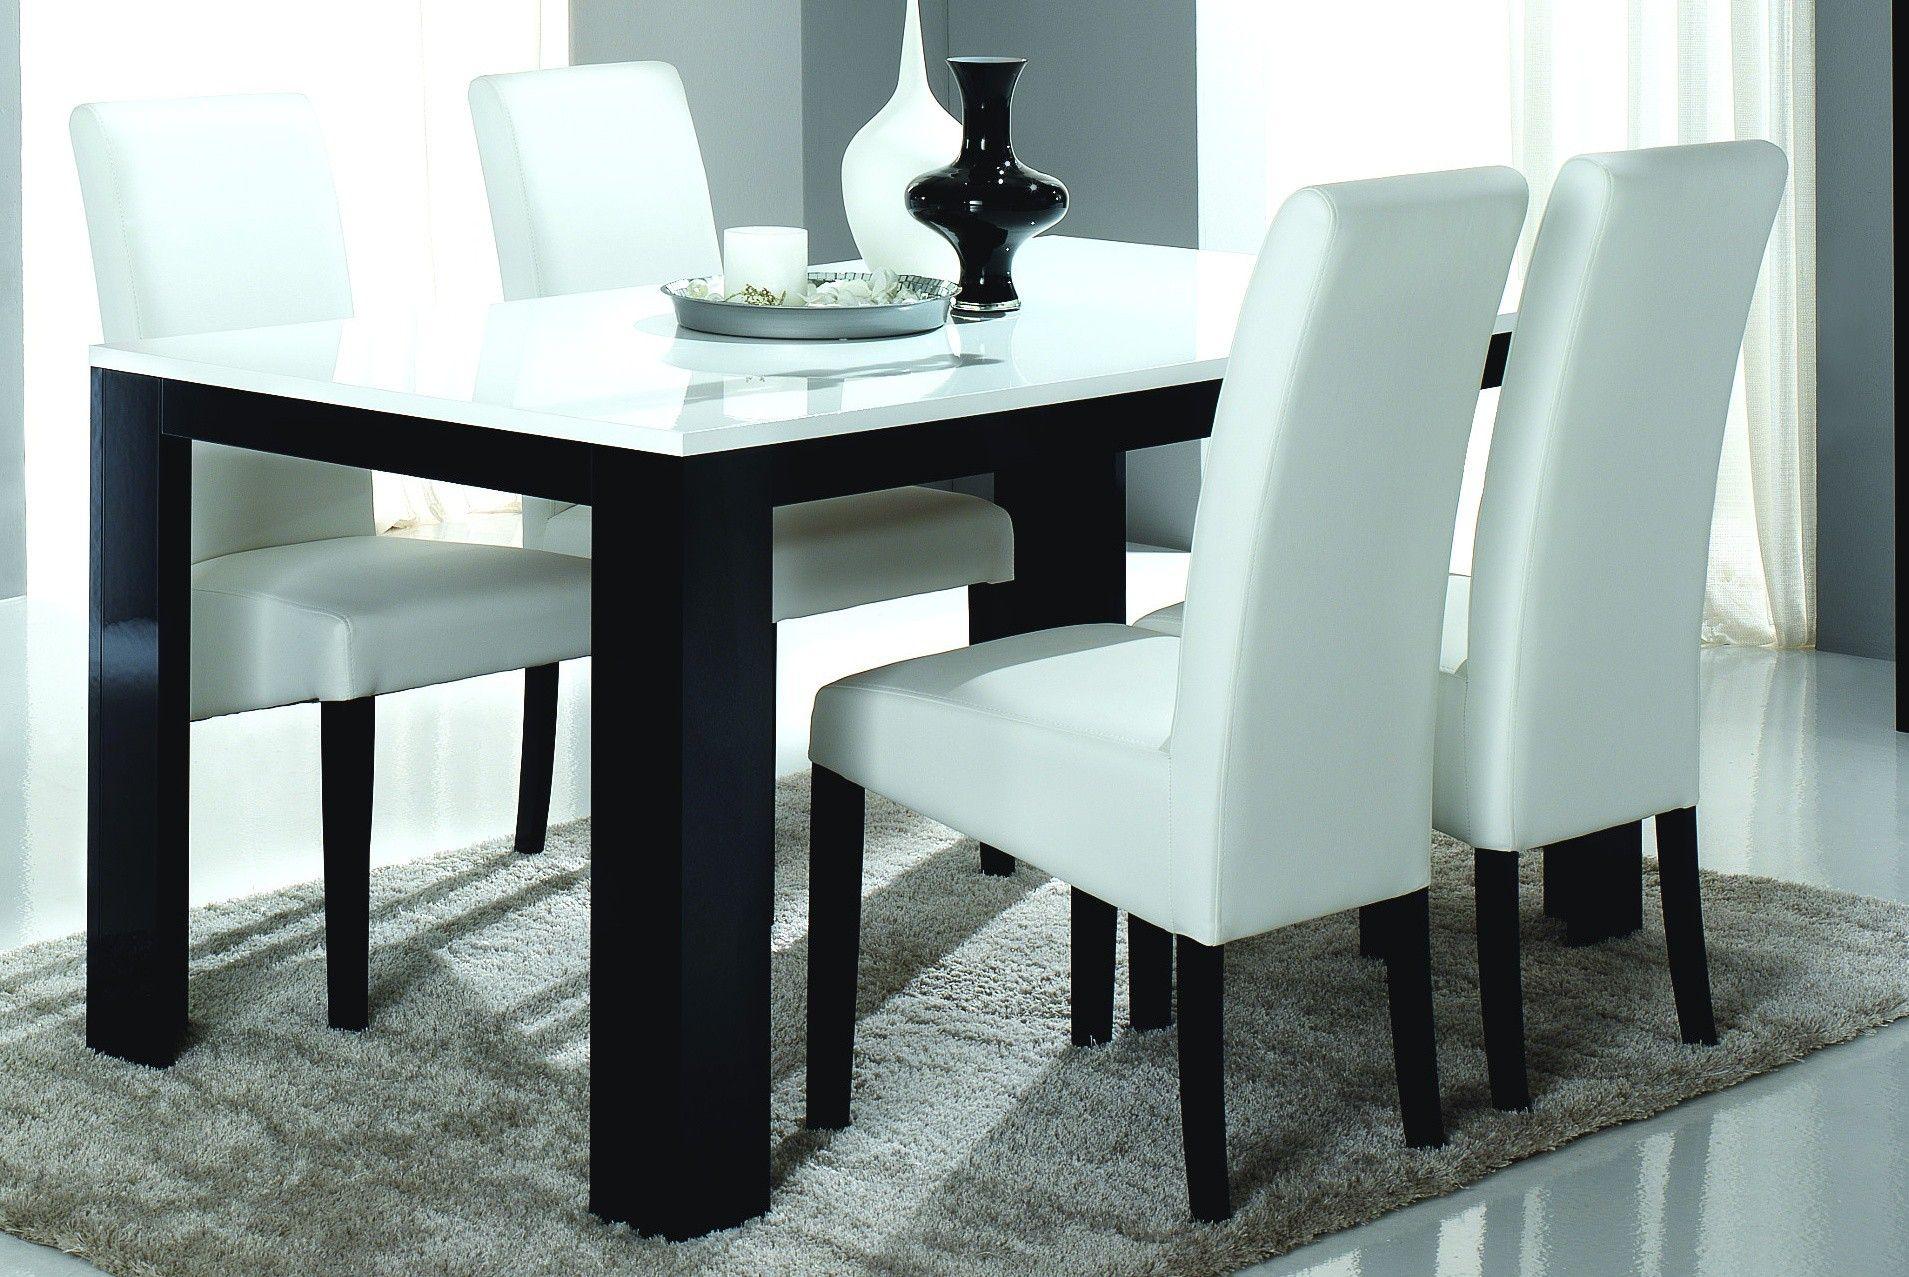 Table de salle à manger design laquée noire et blanche Dali http ...